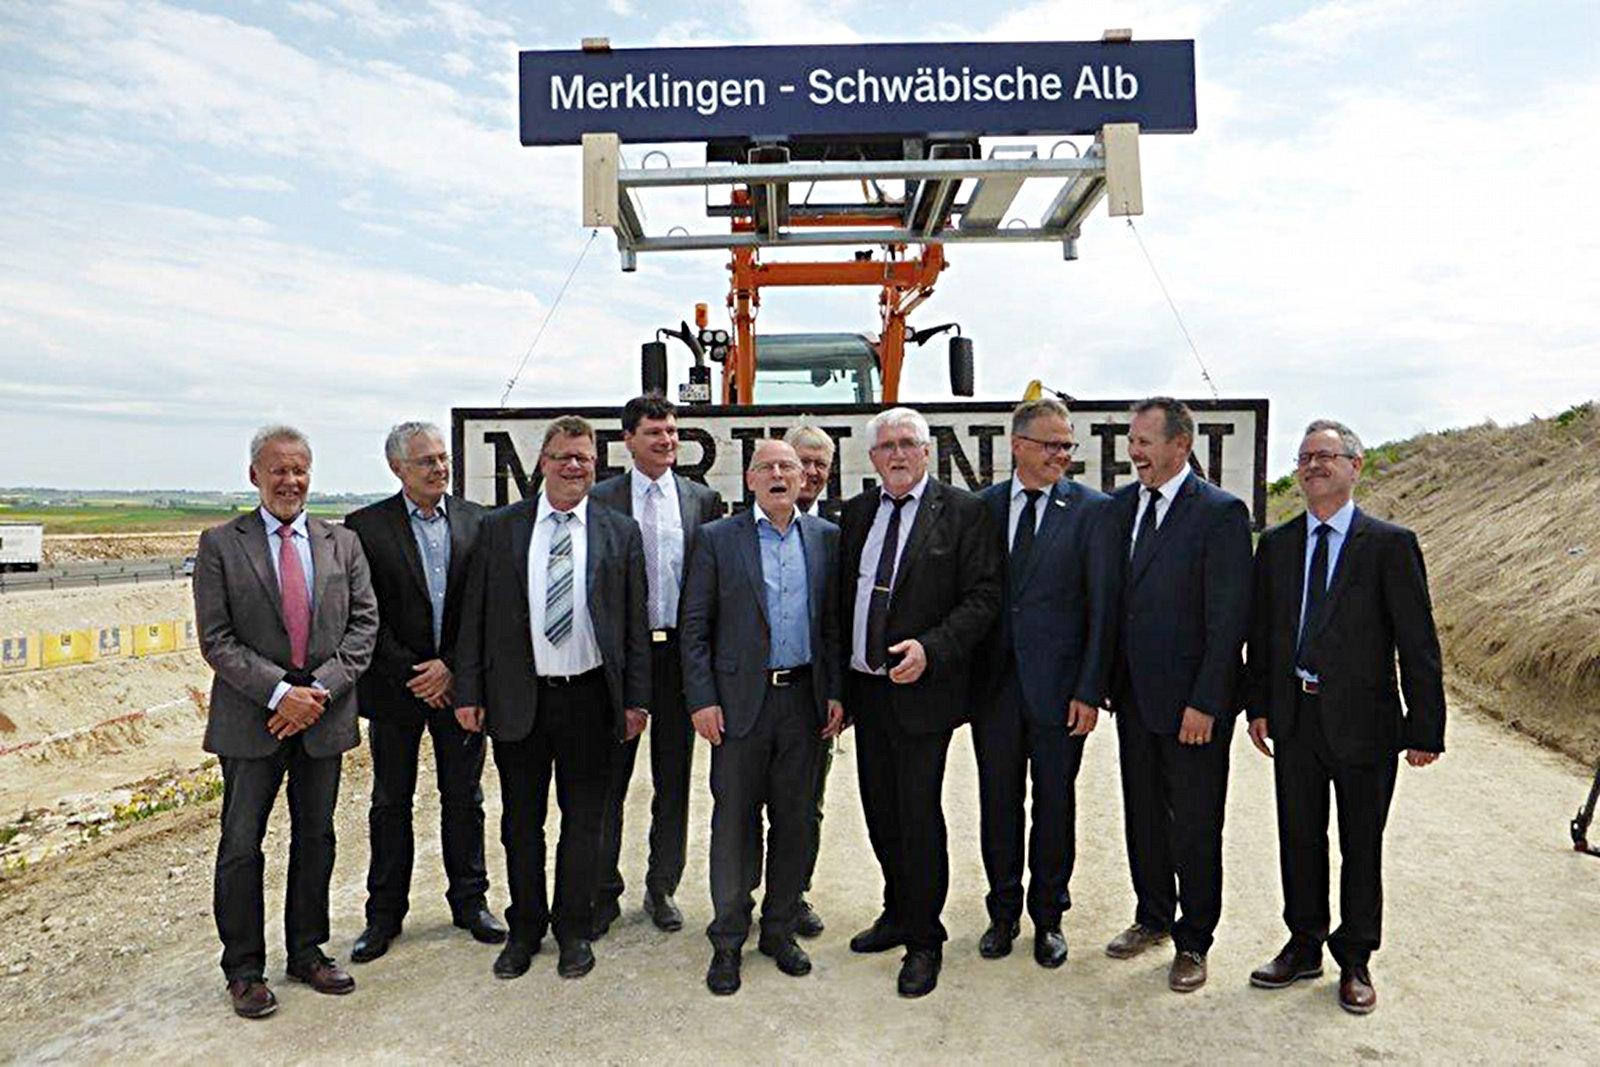 Spatenstich Bahnhof Merklingen - Schwäbische Alb